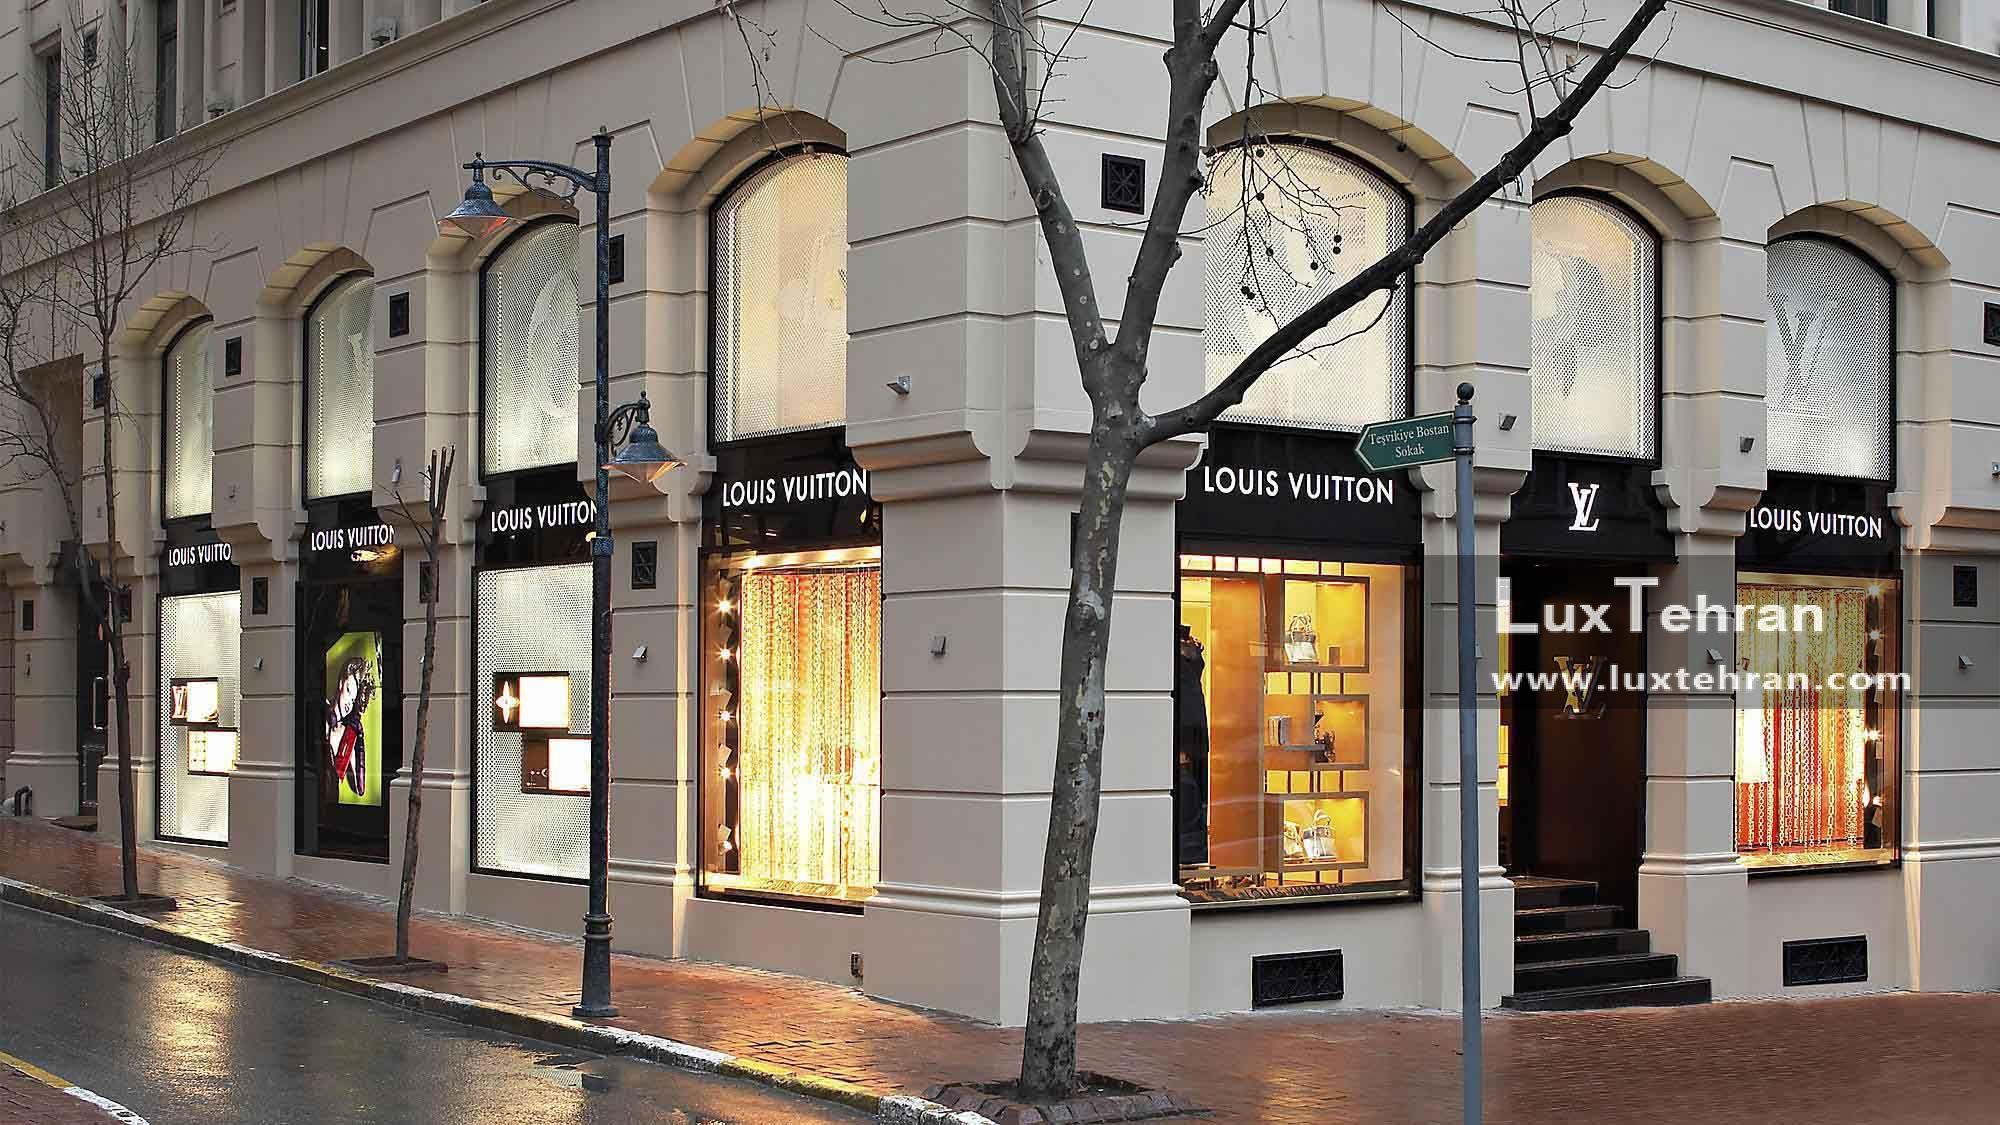 تصویری از استایل فروشگاه های لویی ویتون در استانبول